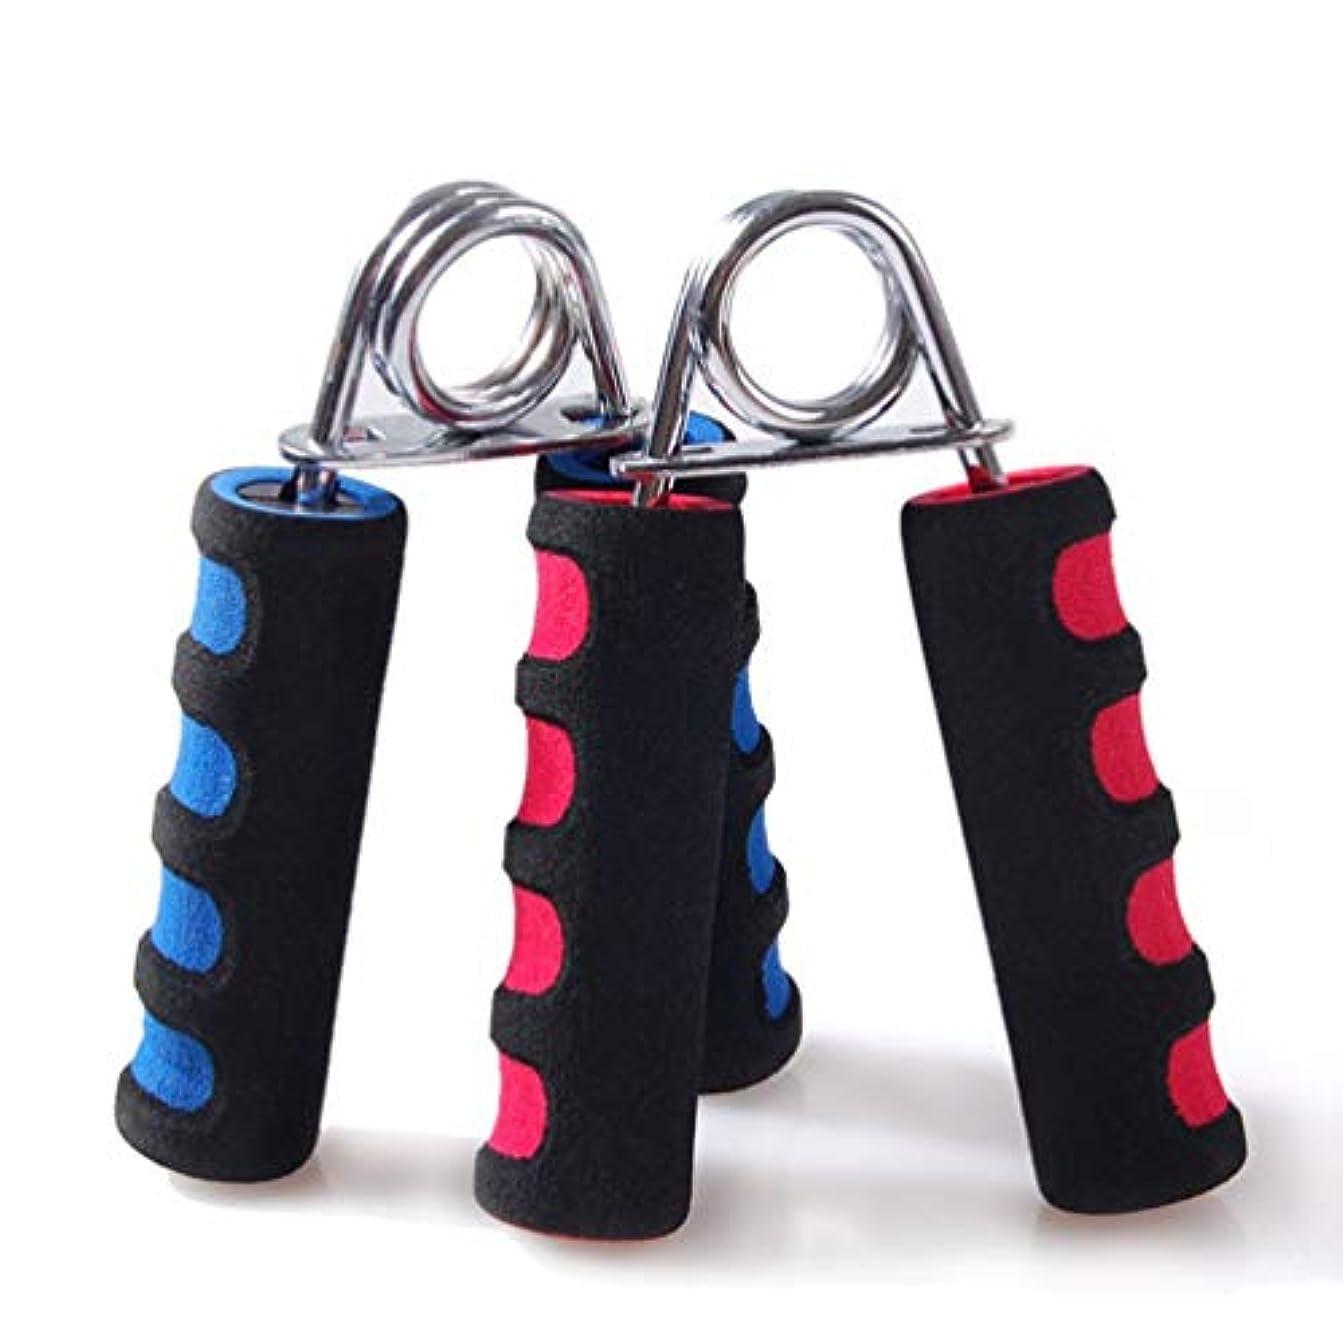 アルコールブランドポジションハンドグリッパーアーム手首エクササイザフィットネスグリップジムと毎日の運動のためのヘビーストレングストレーナー - カラーランダム